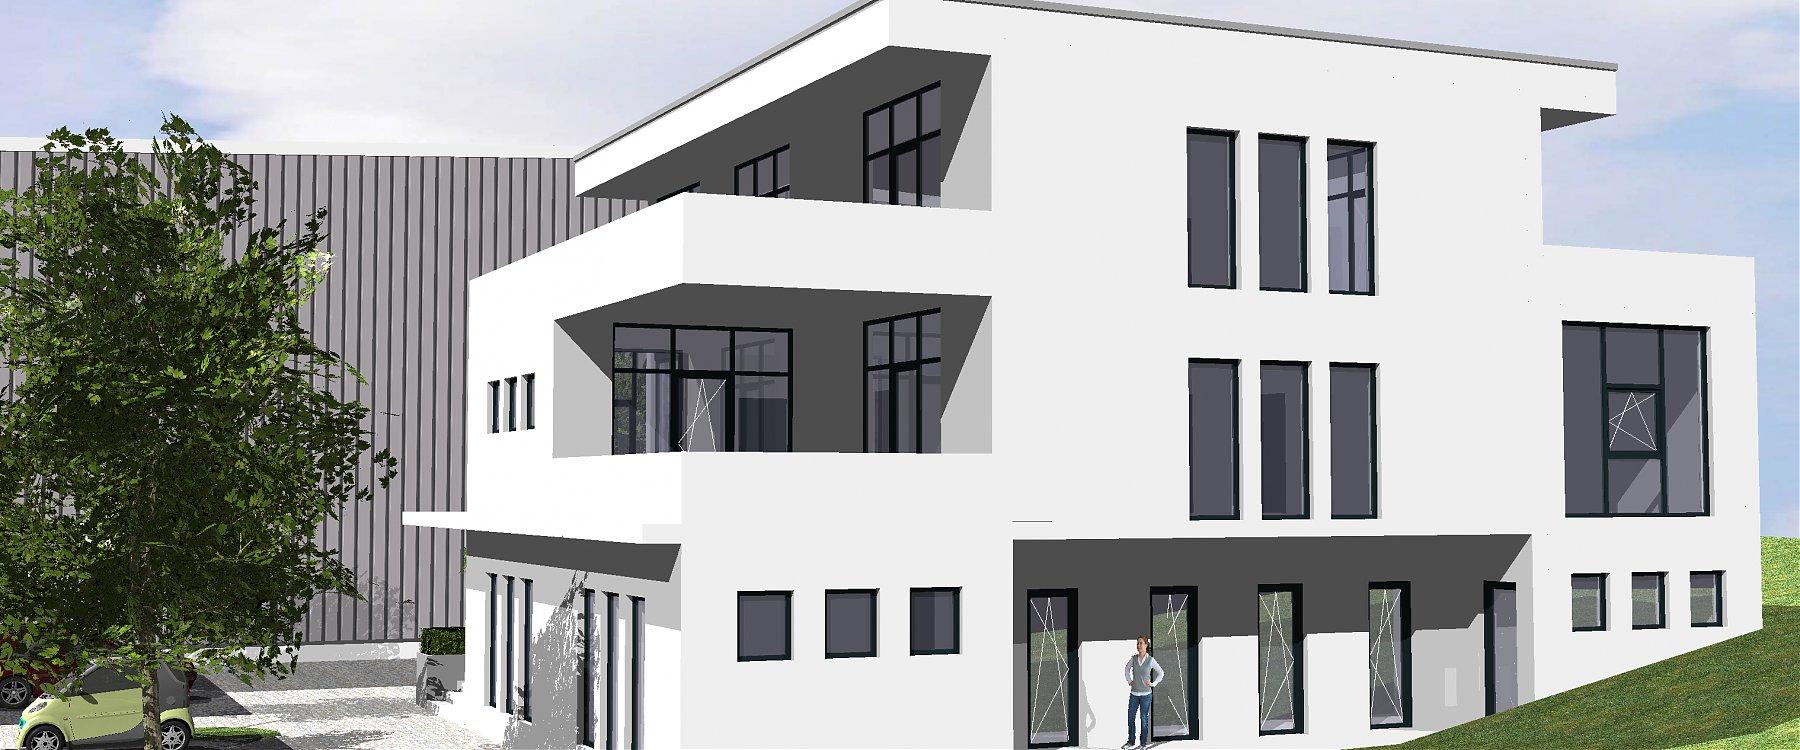 Mertgen dr goerg montabaur - Architekt montabaur ...